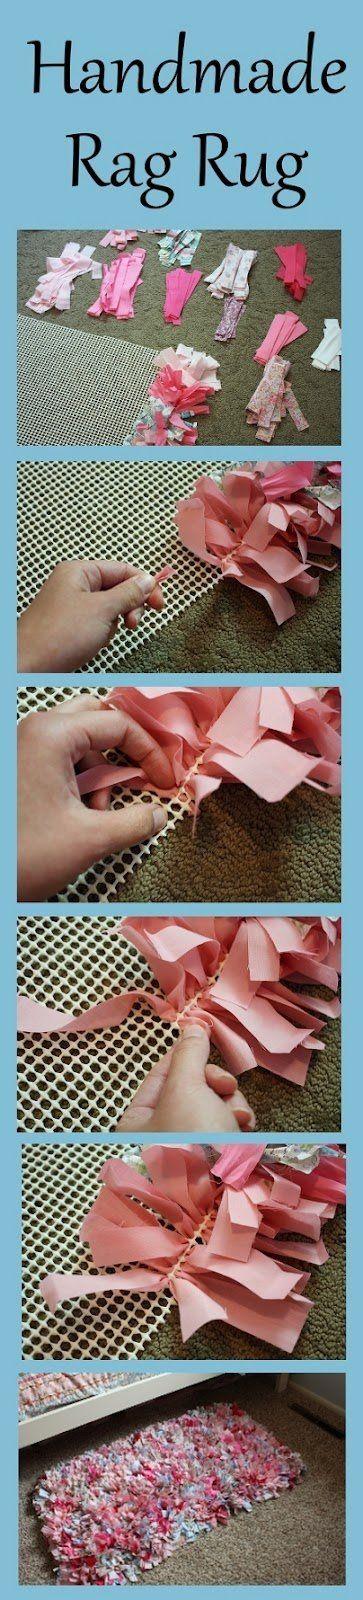 Easy rag rug tutorial!